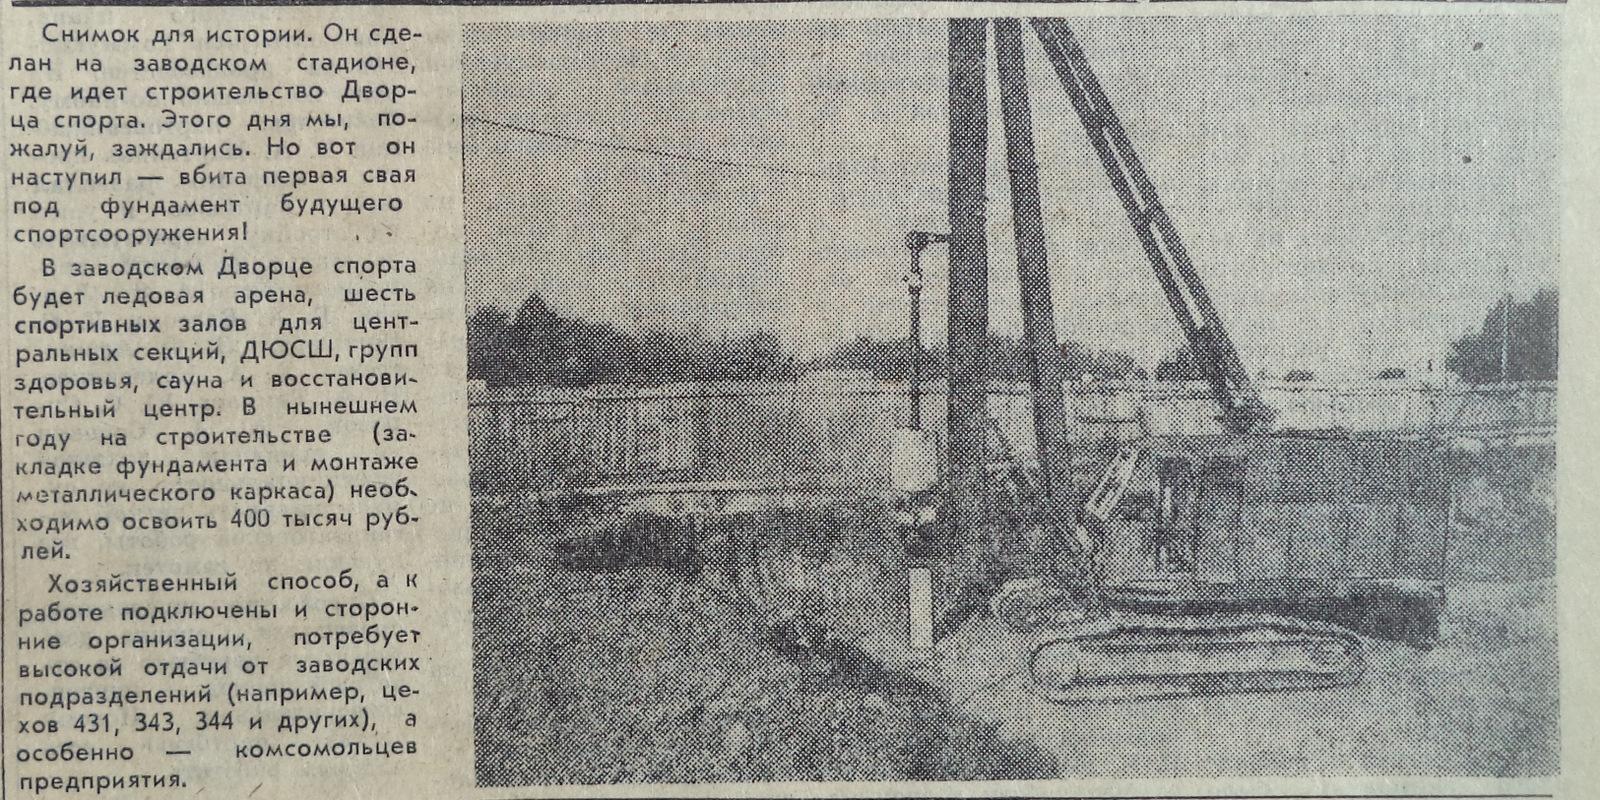 Zavodskaya_zhizn-1988-30_sentyabrya